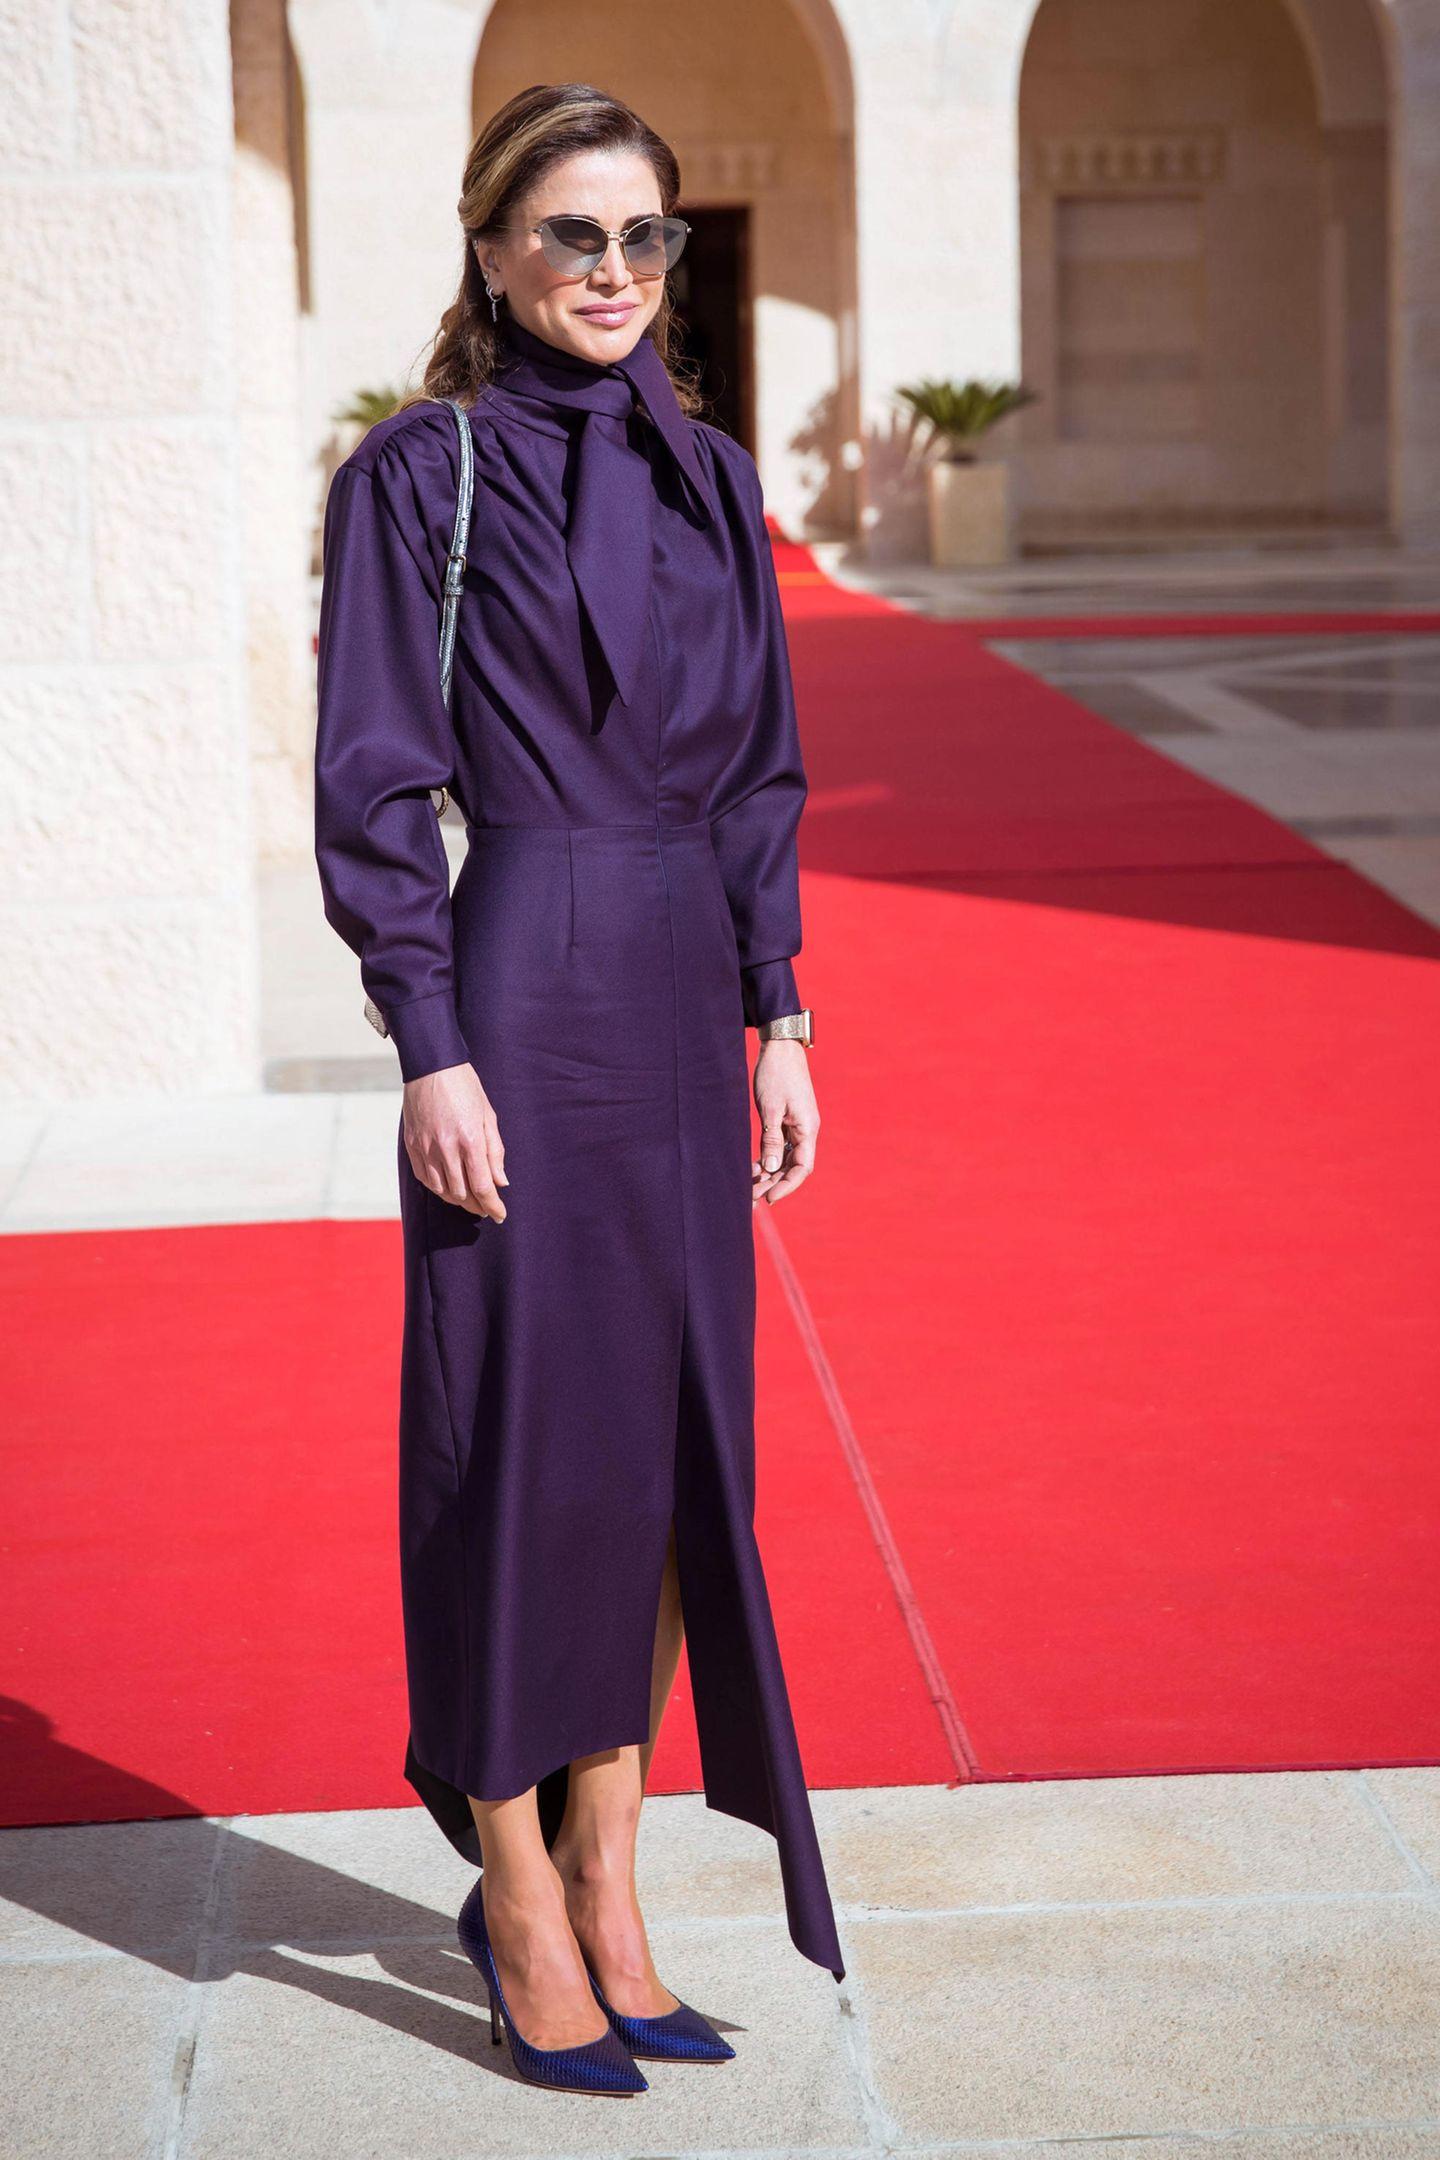 Mit ihrer Sonnenbrille in Cateye-Optik sieht Königin Rania ein wenig aus wie eine schöne Geheimagentin. Ob die jordanische Königin etwa geheime Style-Pläne hat? Die Fotos ihrer nächsten Auftritte werden es zeigen.